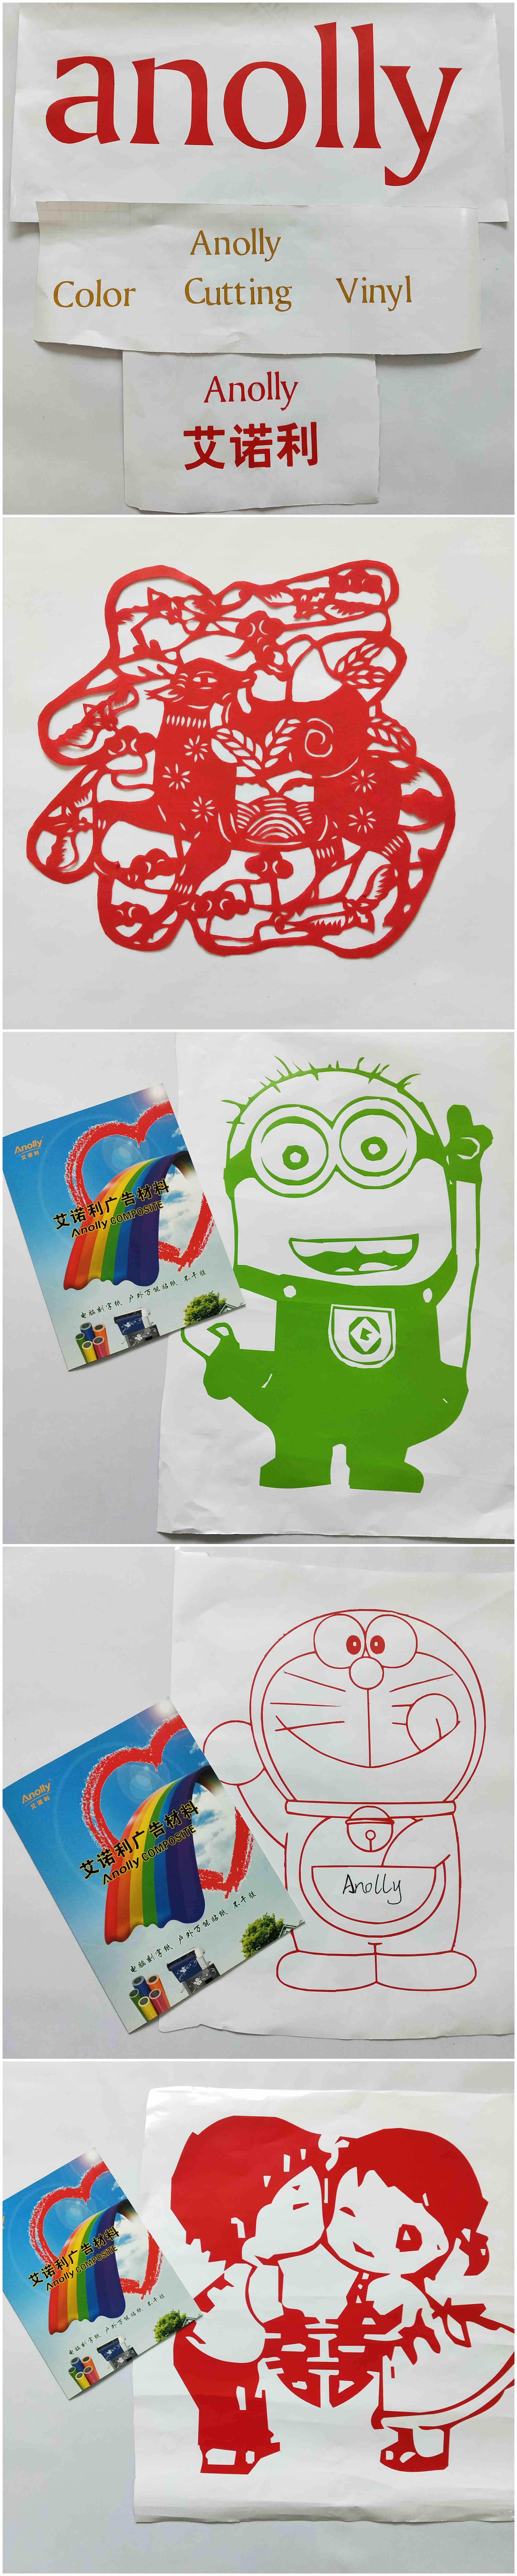 Anolly/0,61/1,22x50 M cartel De publicidad Signbord materiales De PVC De Color De vinilo De Corte De vinilo